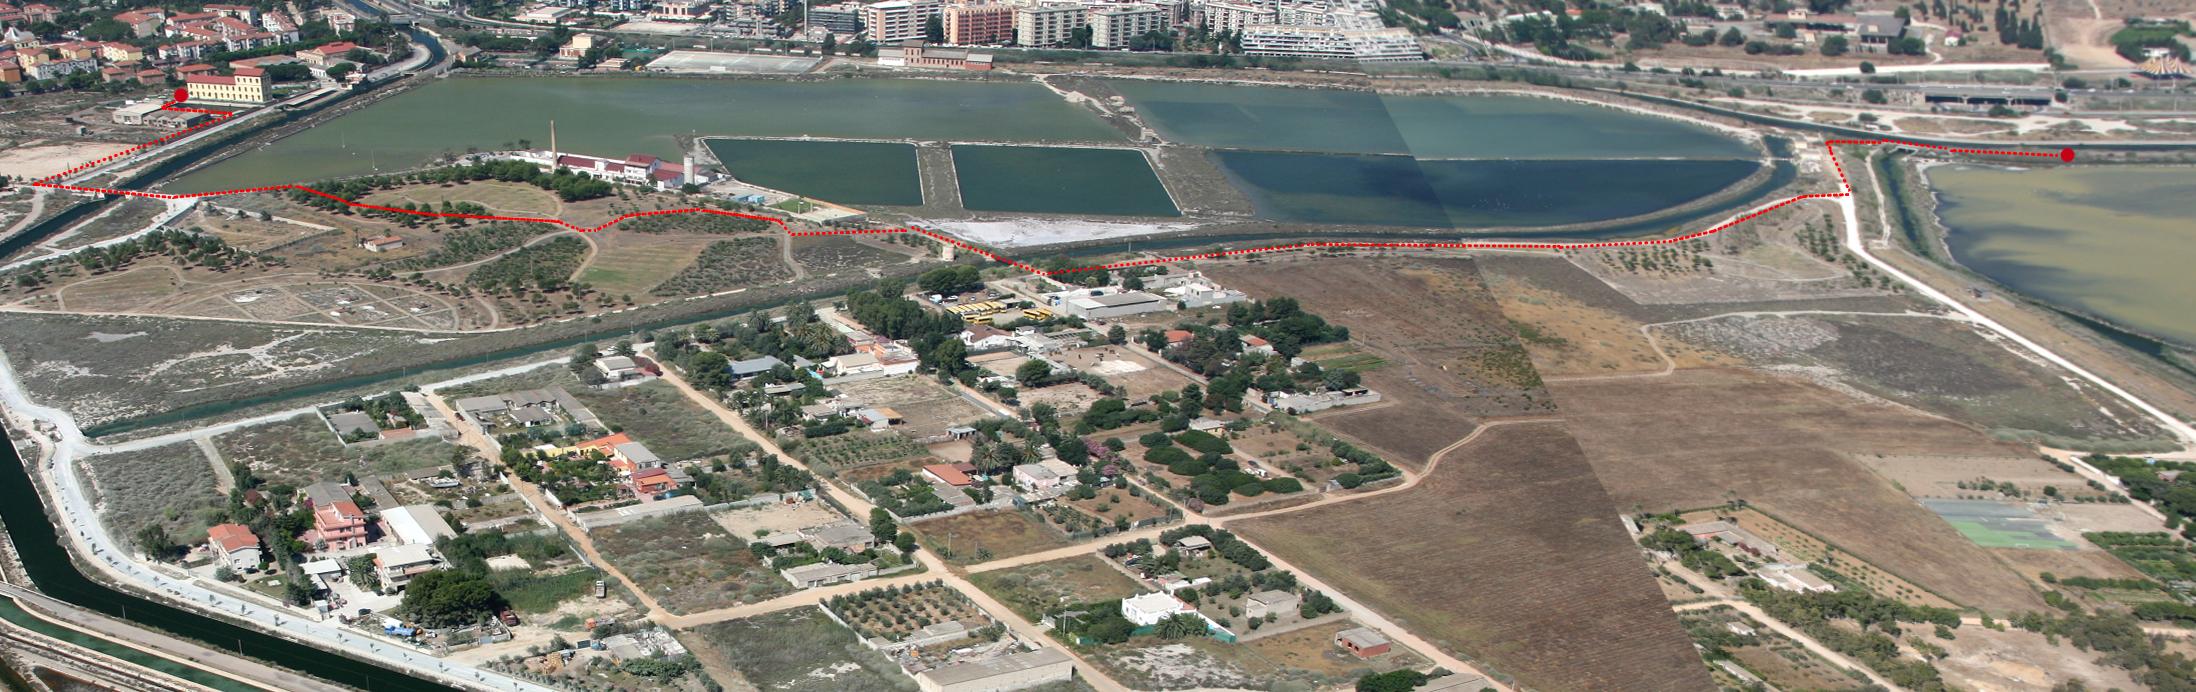 percorso2 (1)